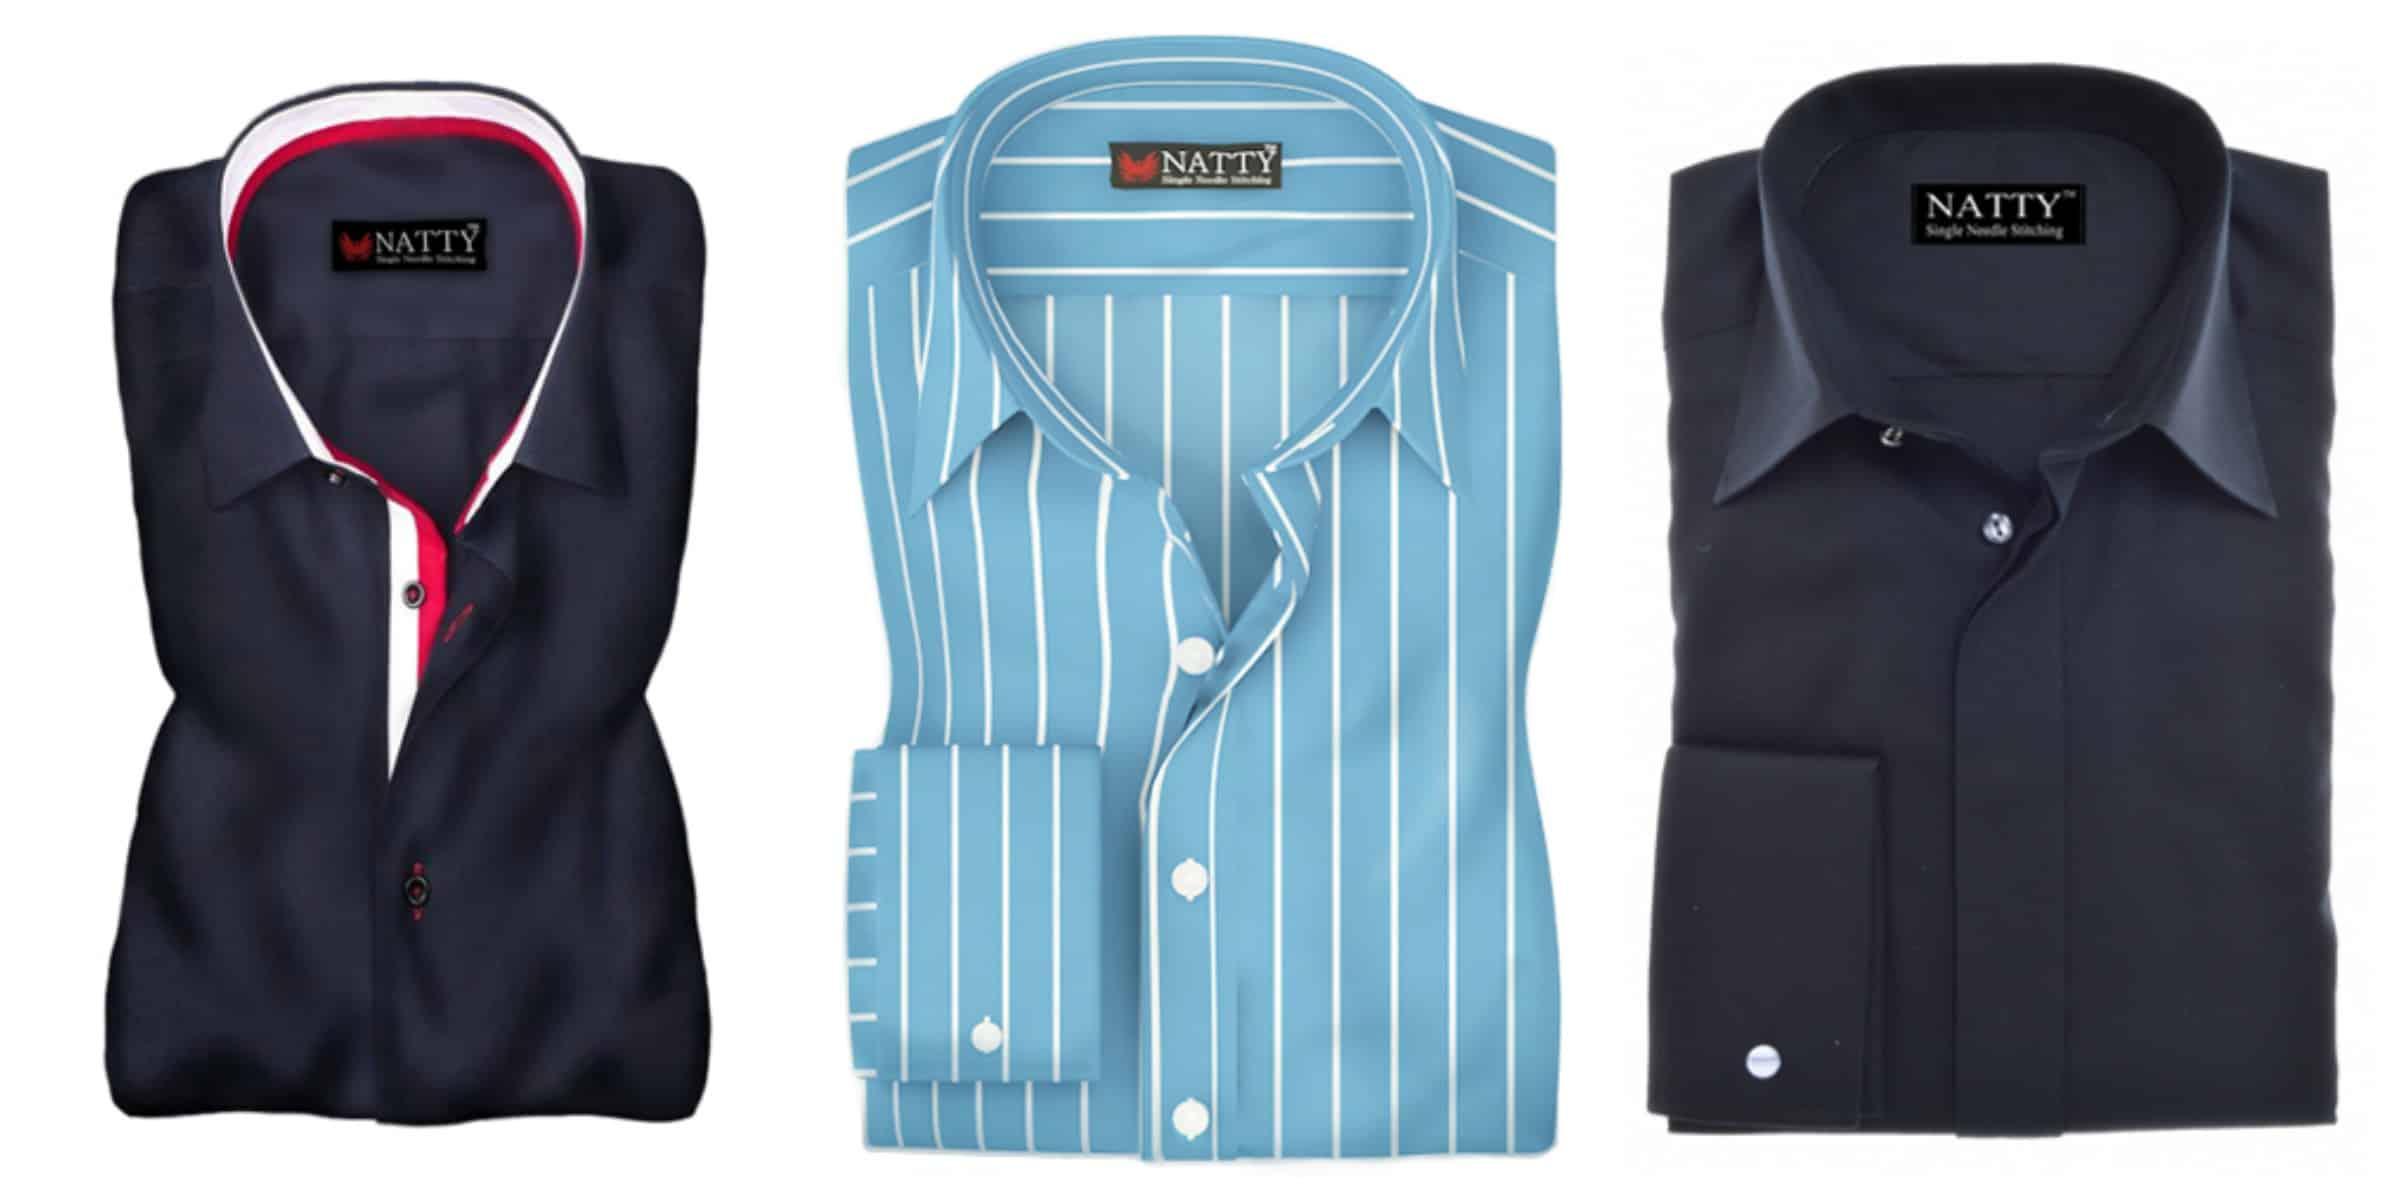 men button down shirts from NATTY SHIRTS SHOP